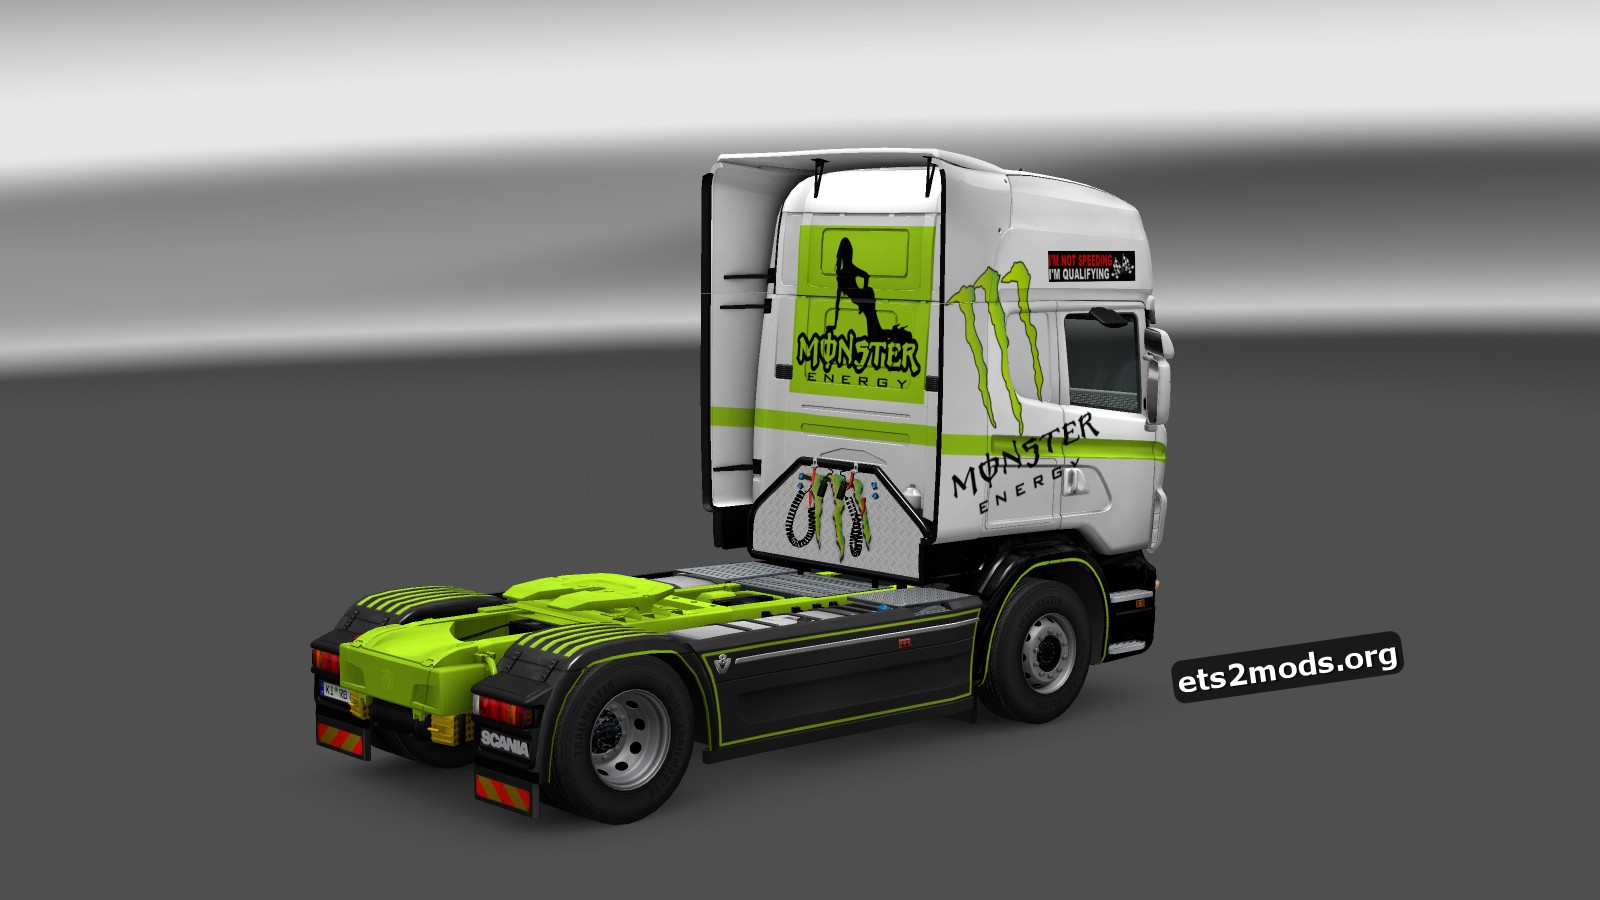 Monster Energy Skin for Scania RJL